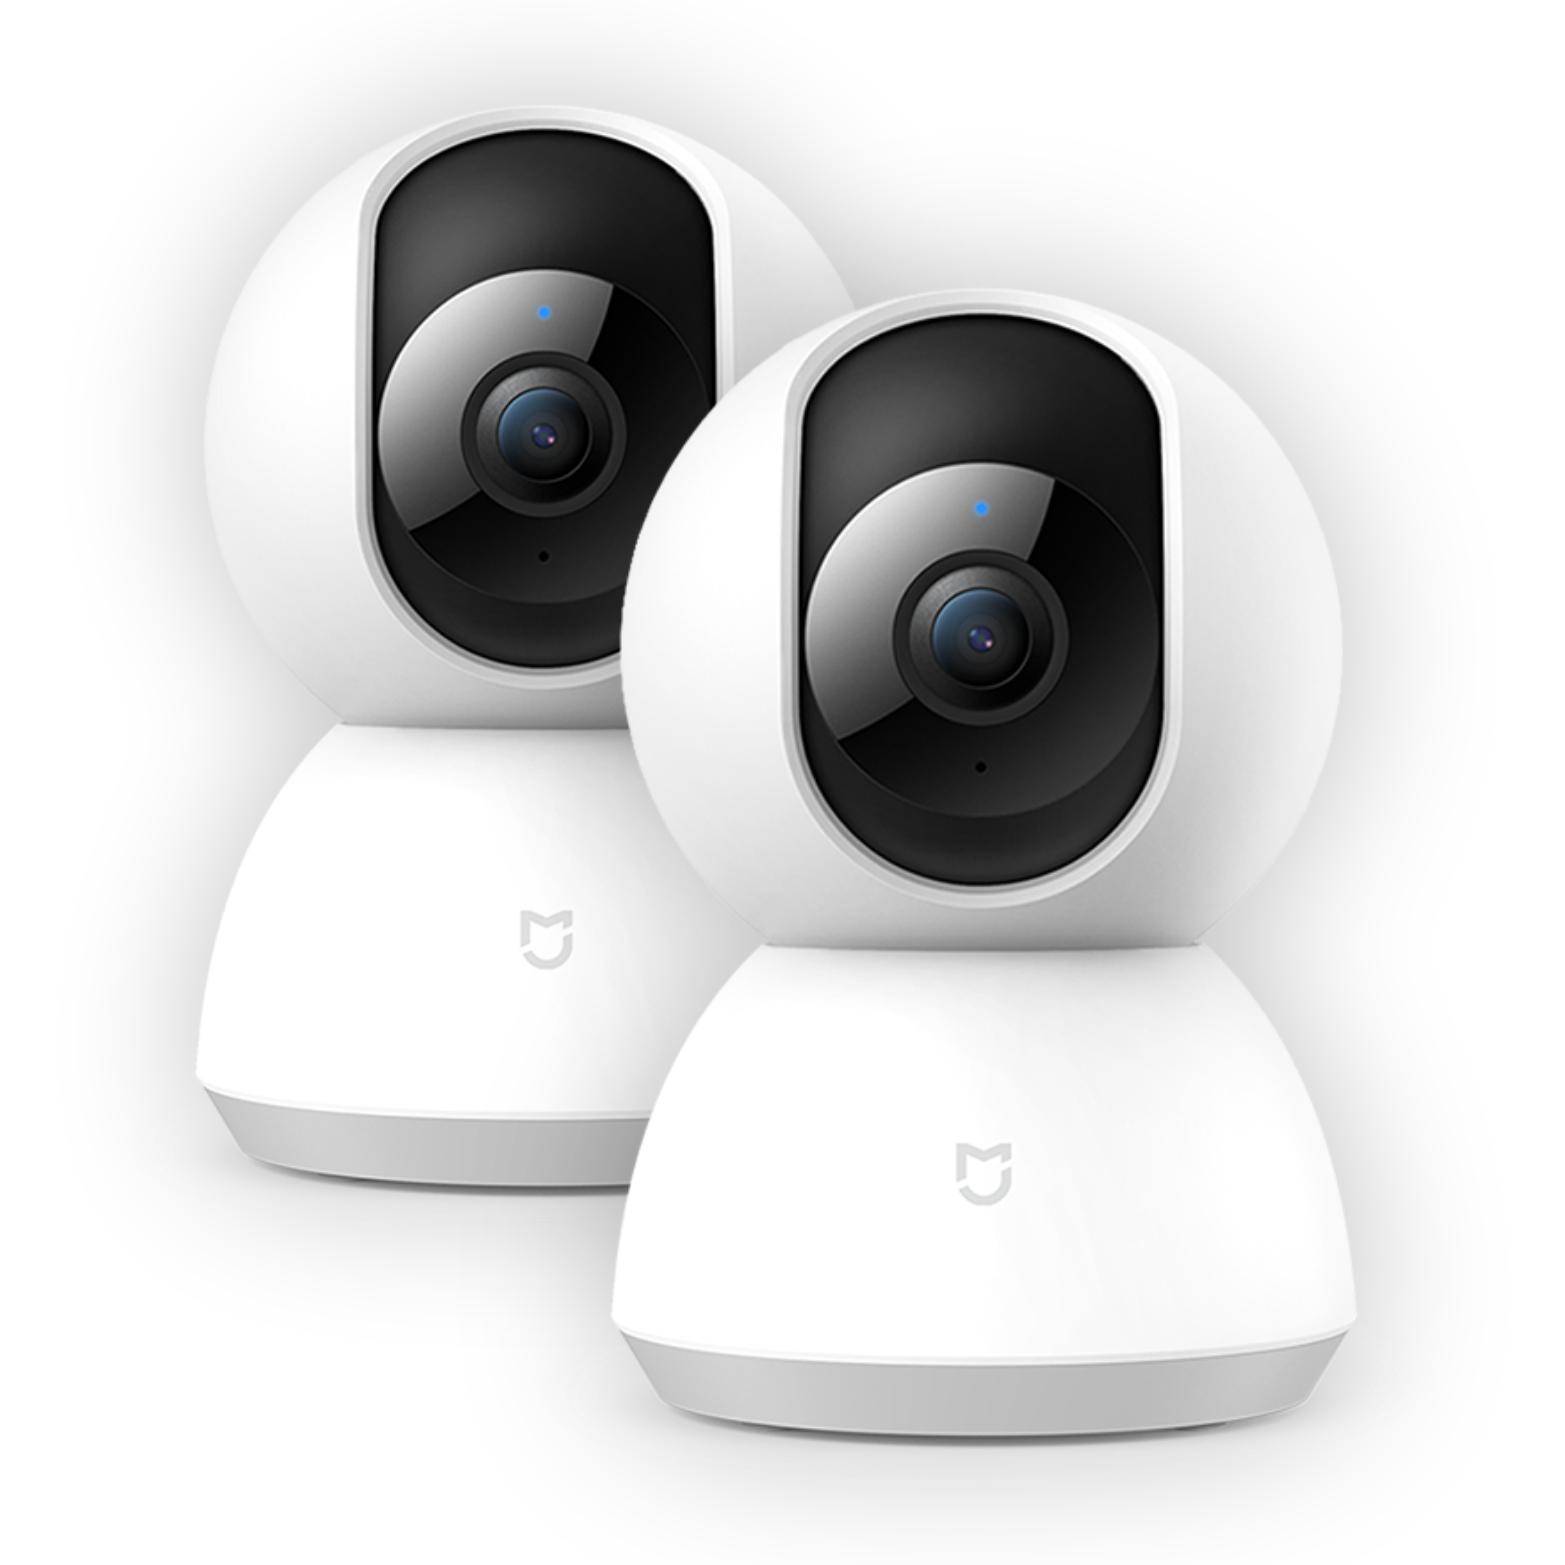 Doppelpack: Xiaomi Mi Home Security Cam - 360° Überwachungskamera (1080P Auflösung, IR Nachtsicht, Bewegungserkennung)